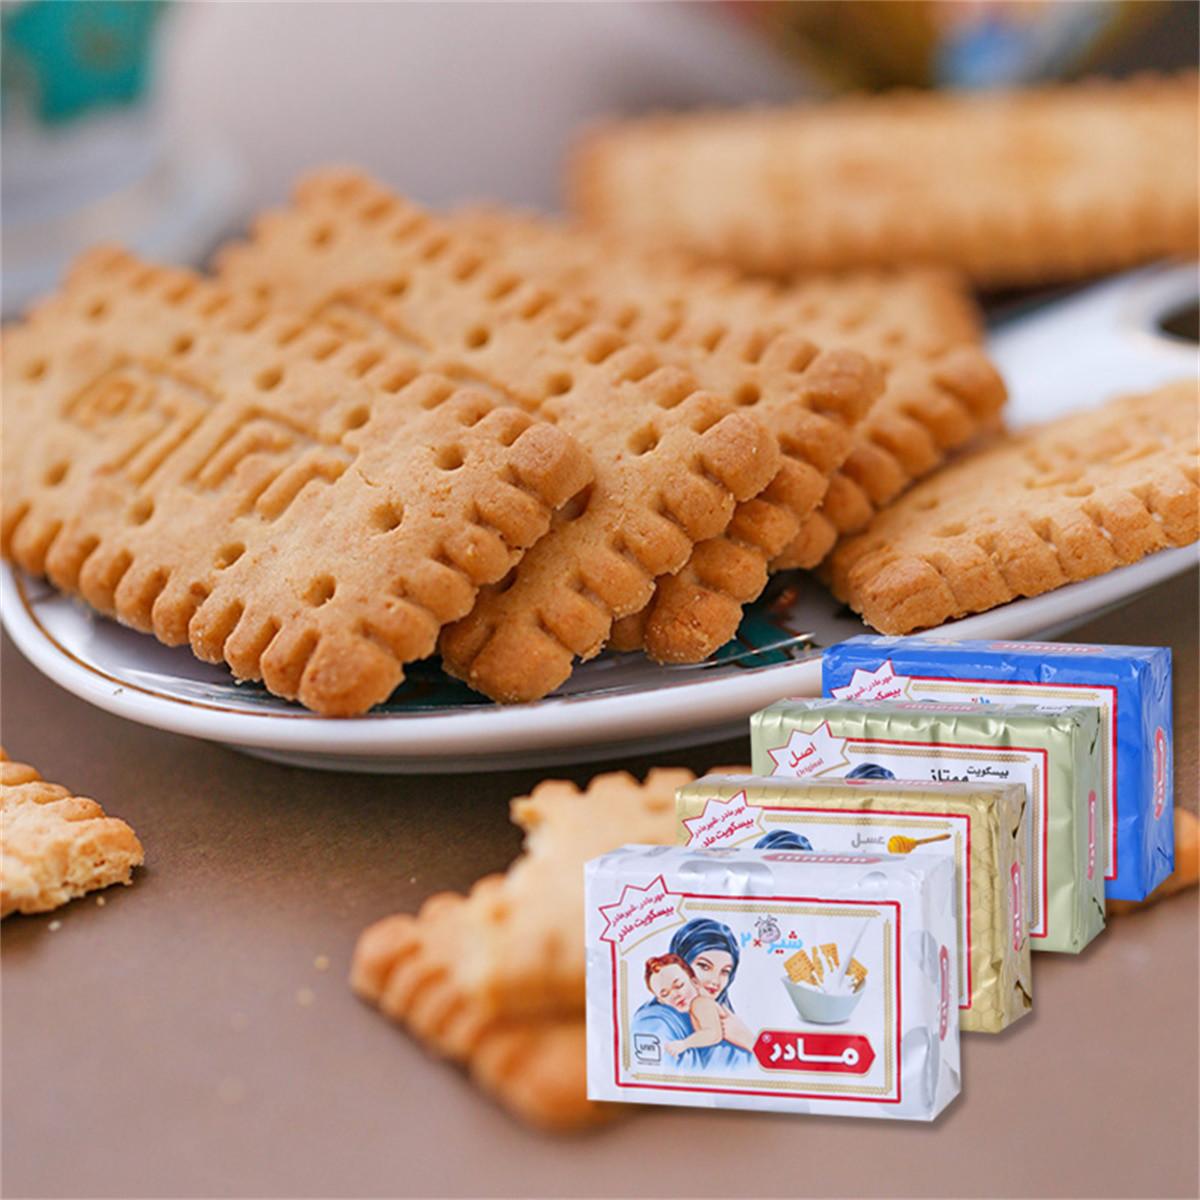 和風细语进口威塔娜妈妈饼干12包*70g牛奶蜂蜜椰子味儿童早餐饼干COLOR原味70g/盒